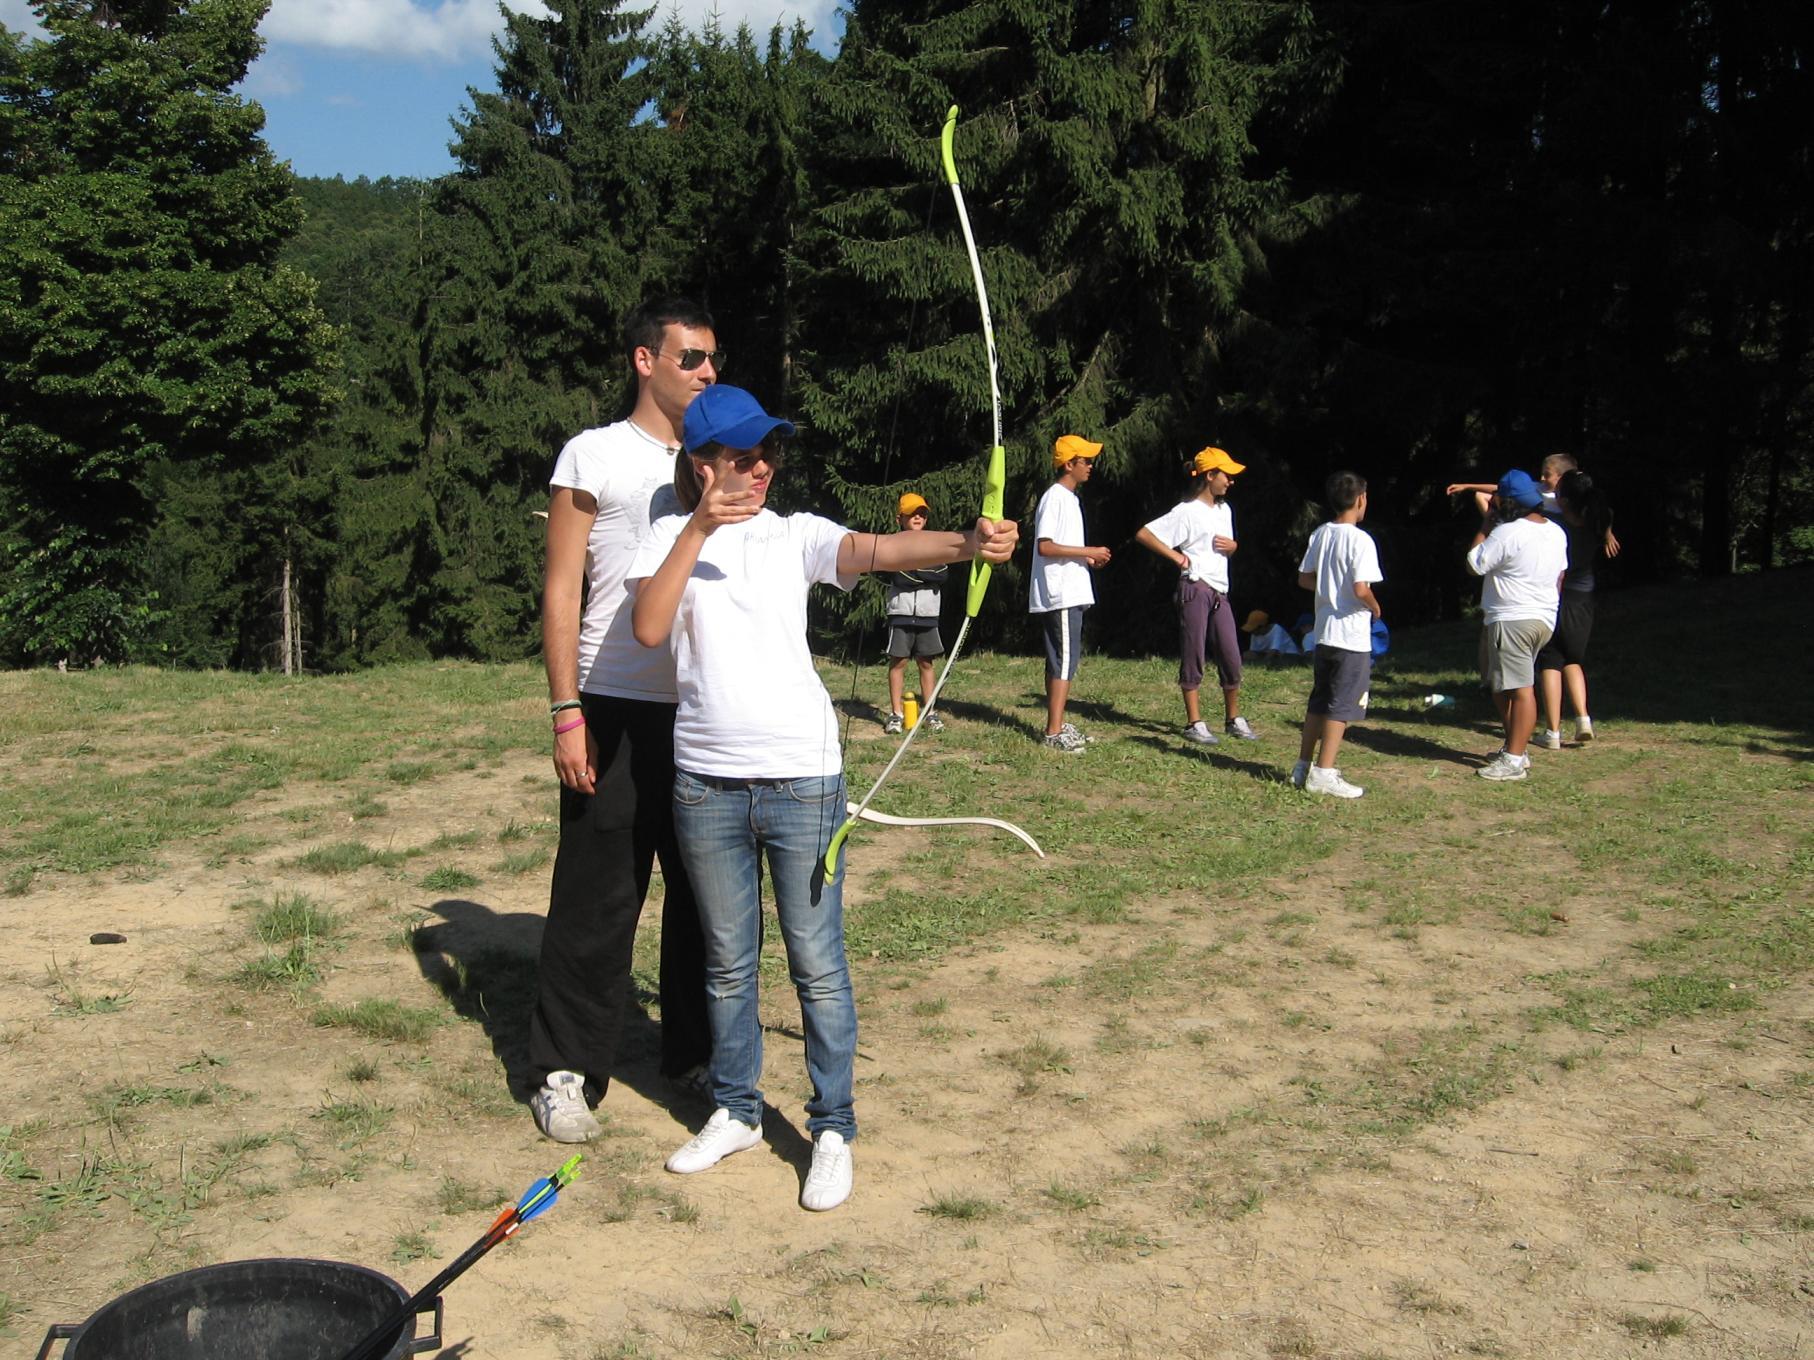 Campo_San_Giacomo_gare-2009-07-08--17.11.39